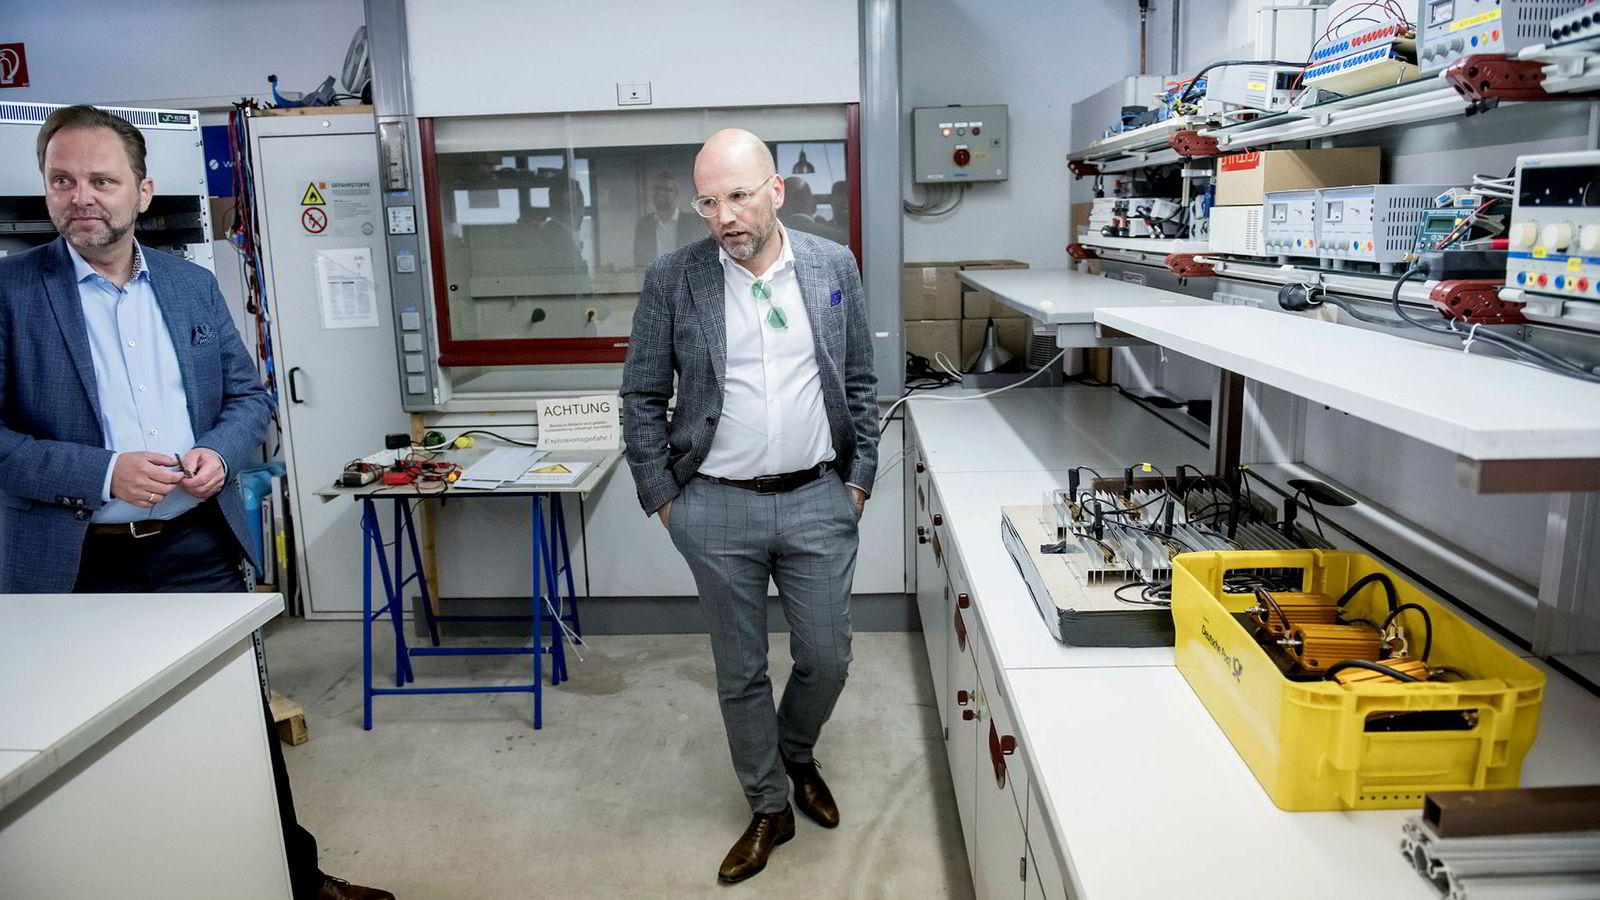 I fjor vår trodde Stavanger-advokat Brynjar Meling at batteriselskapet Wavetech skulle bli verdt milliarder og gjøre ham til mangemillionær. Her med selskapets gründer Dag Arild Valand i selskapets laboratorium i Rheinbach i Tyskland.